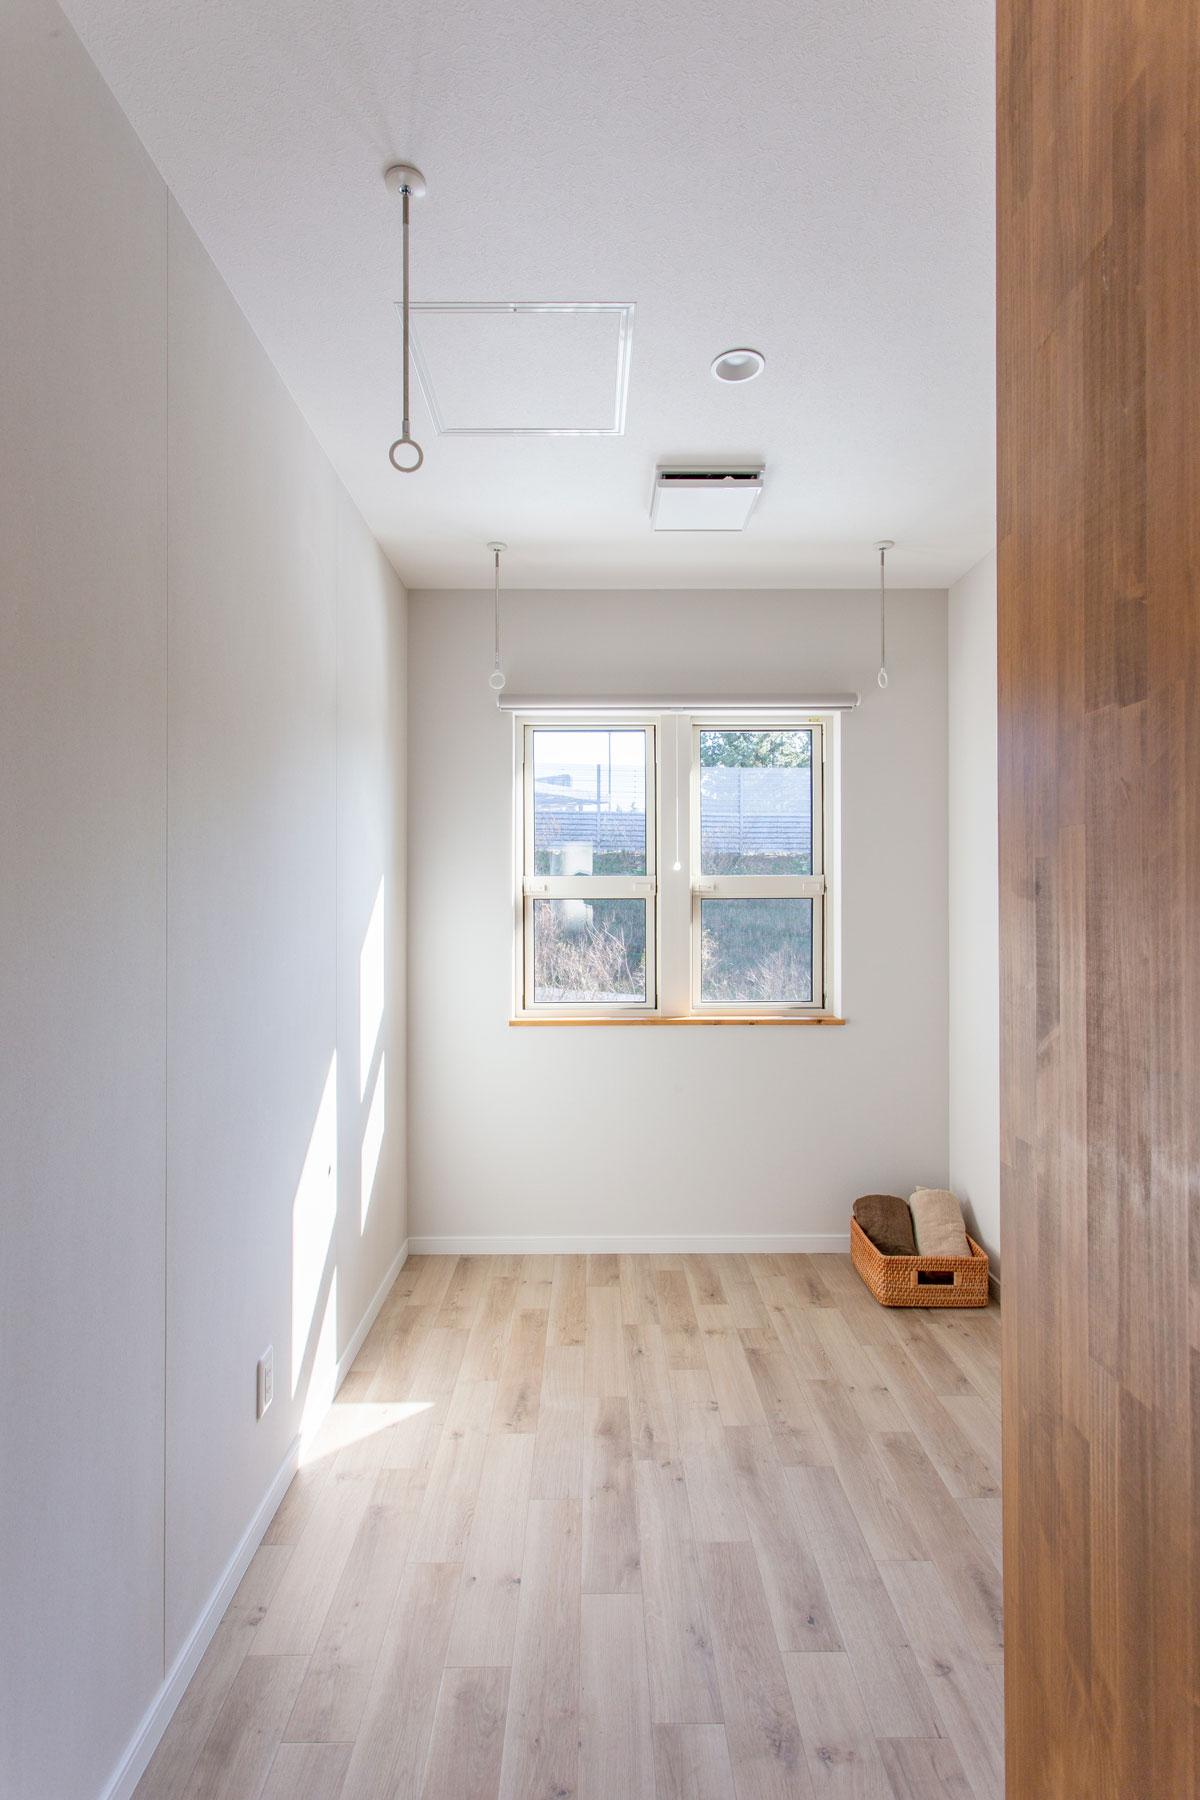 花粉やホコリを気にせず気持ち良く洗濯ができる室内スペース